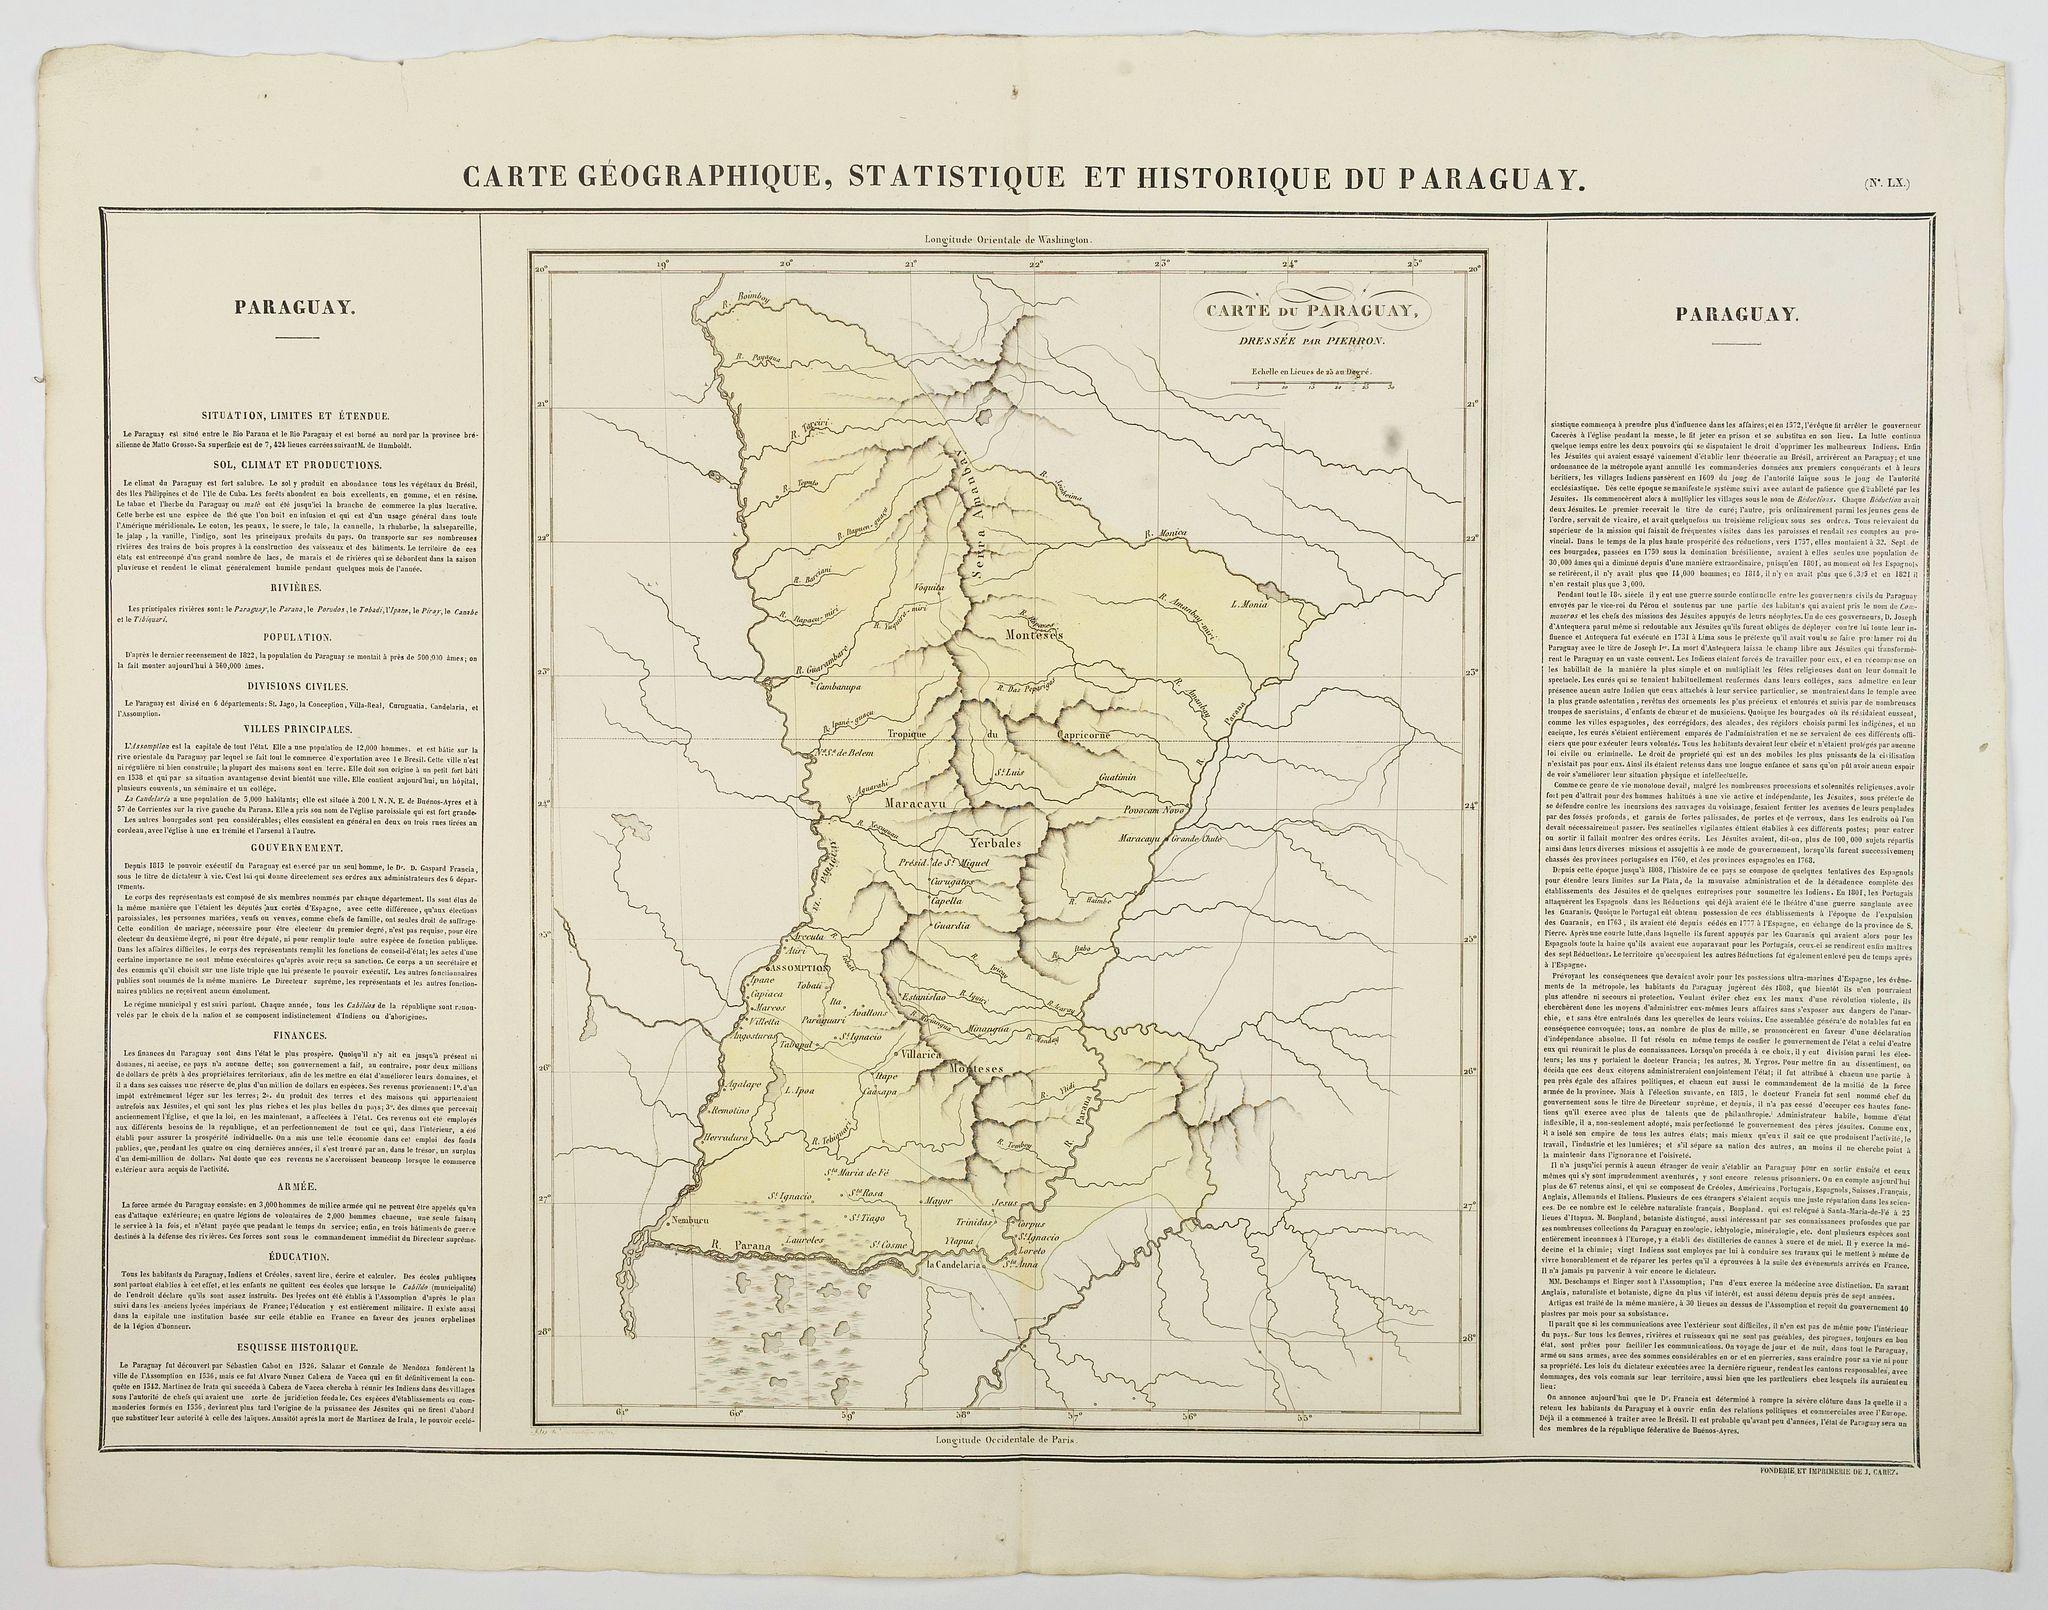 BUCHON, J.A. -  Carte Geographique, Statistique et Historique du Paraguay.